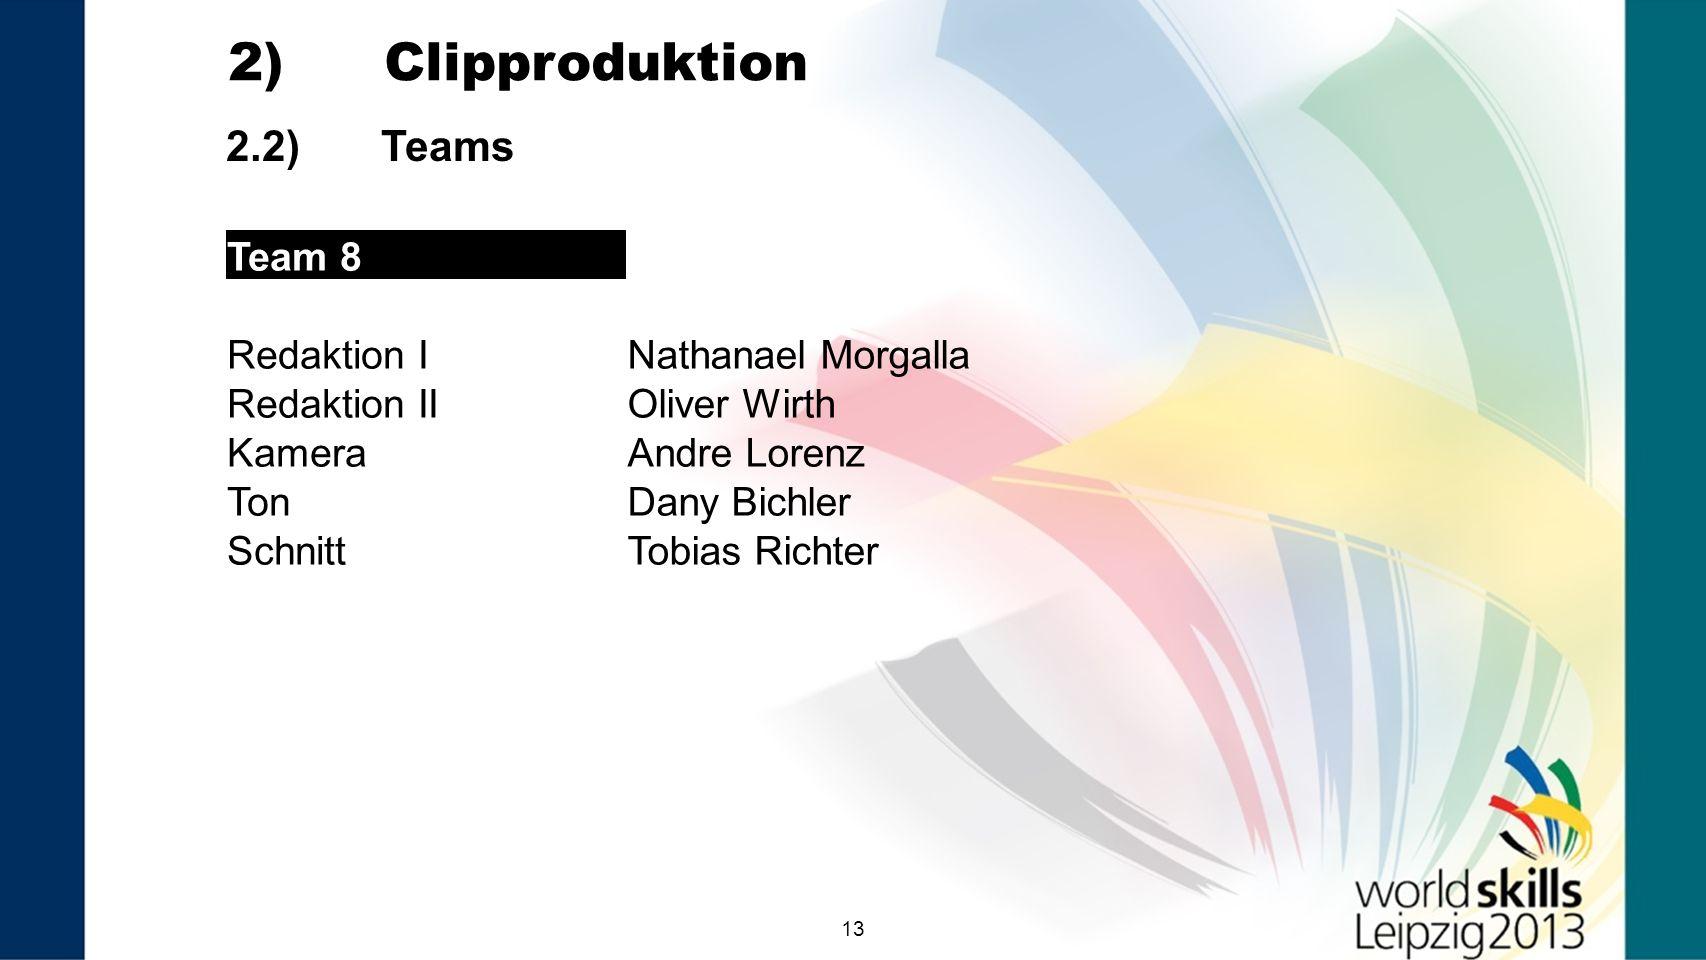 2) Clipproduktion 2.2) Teams Team 8 Redaktion I Nathanael Morgalla